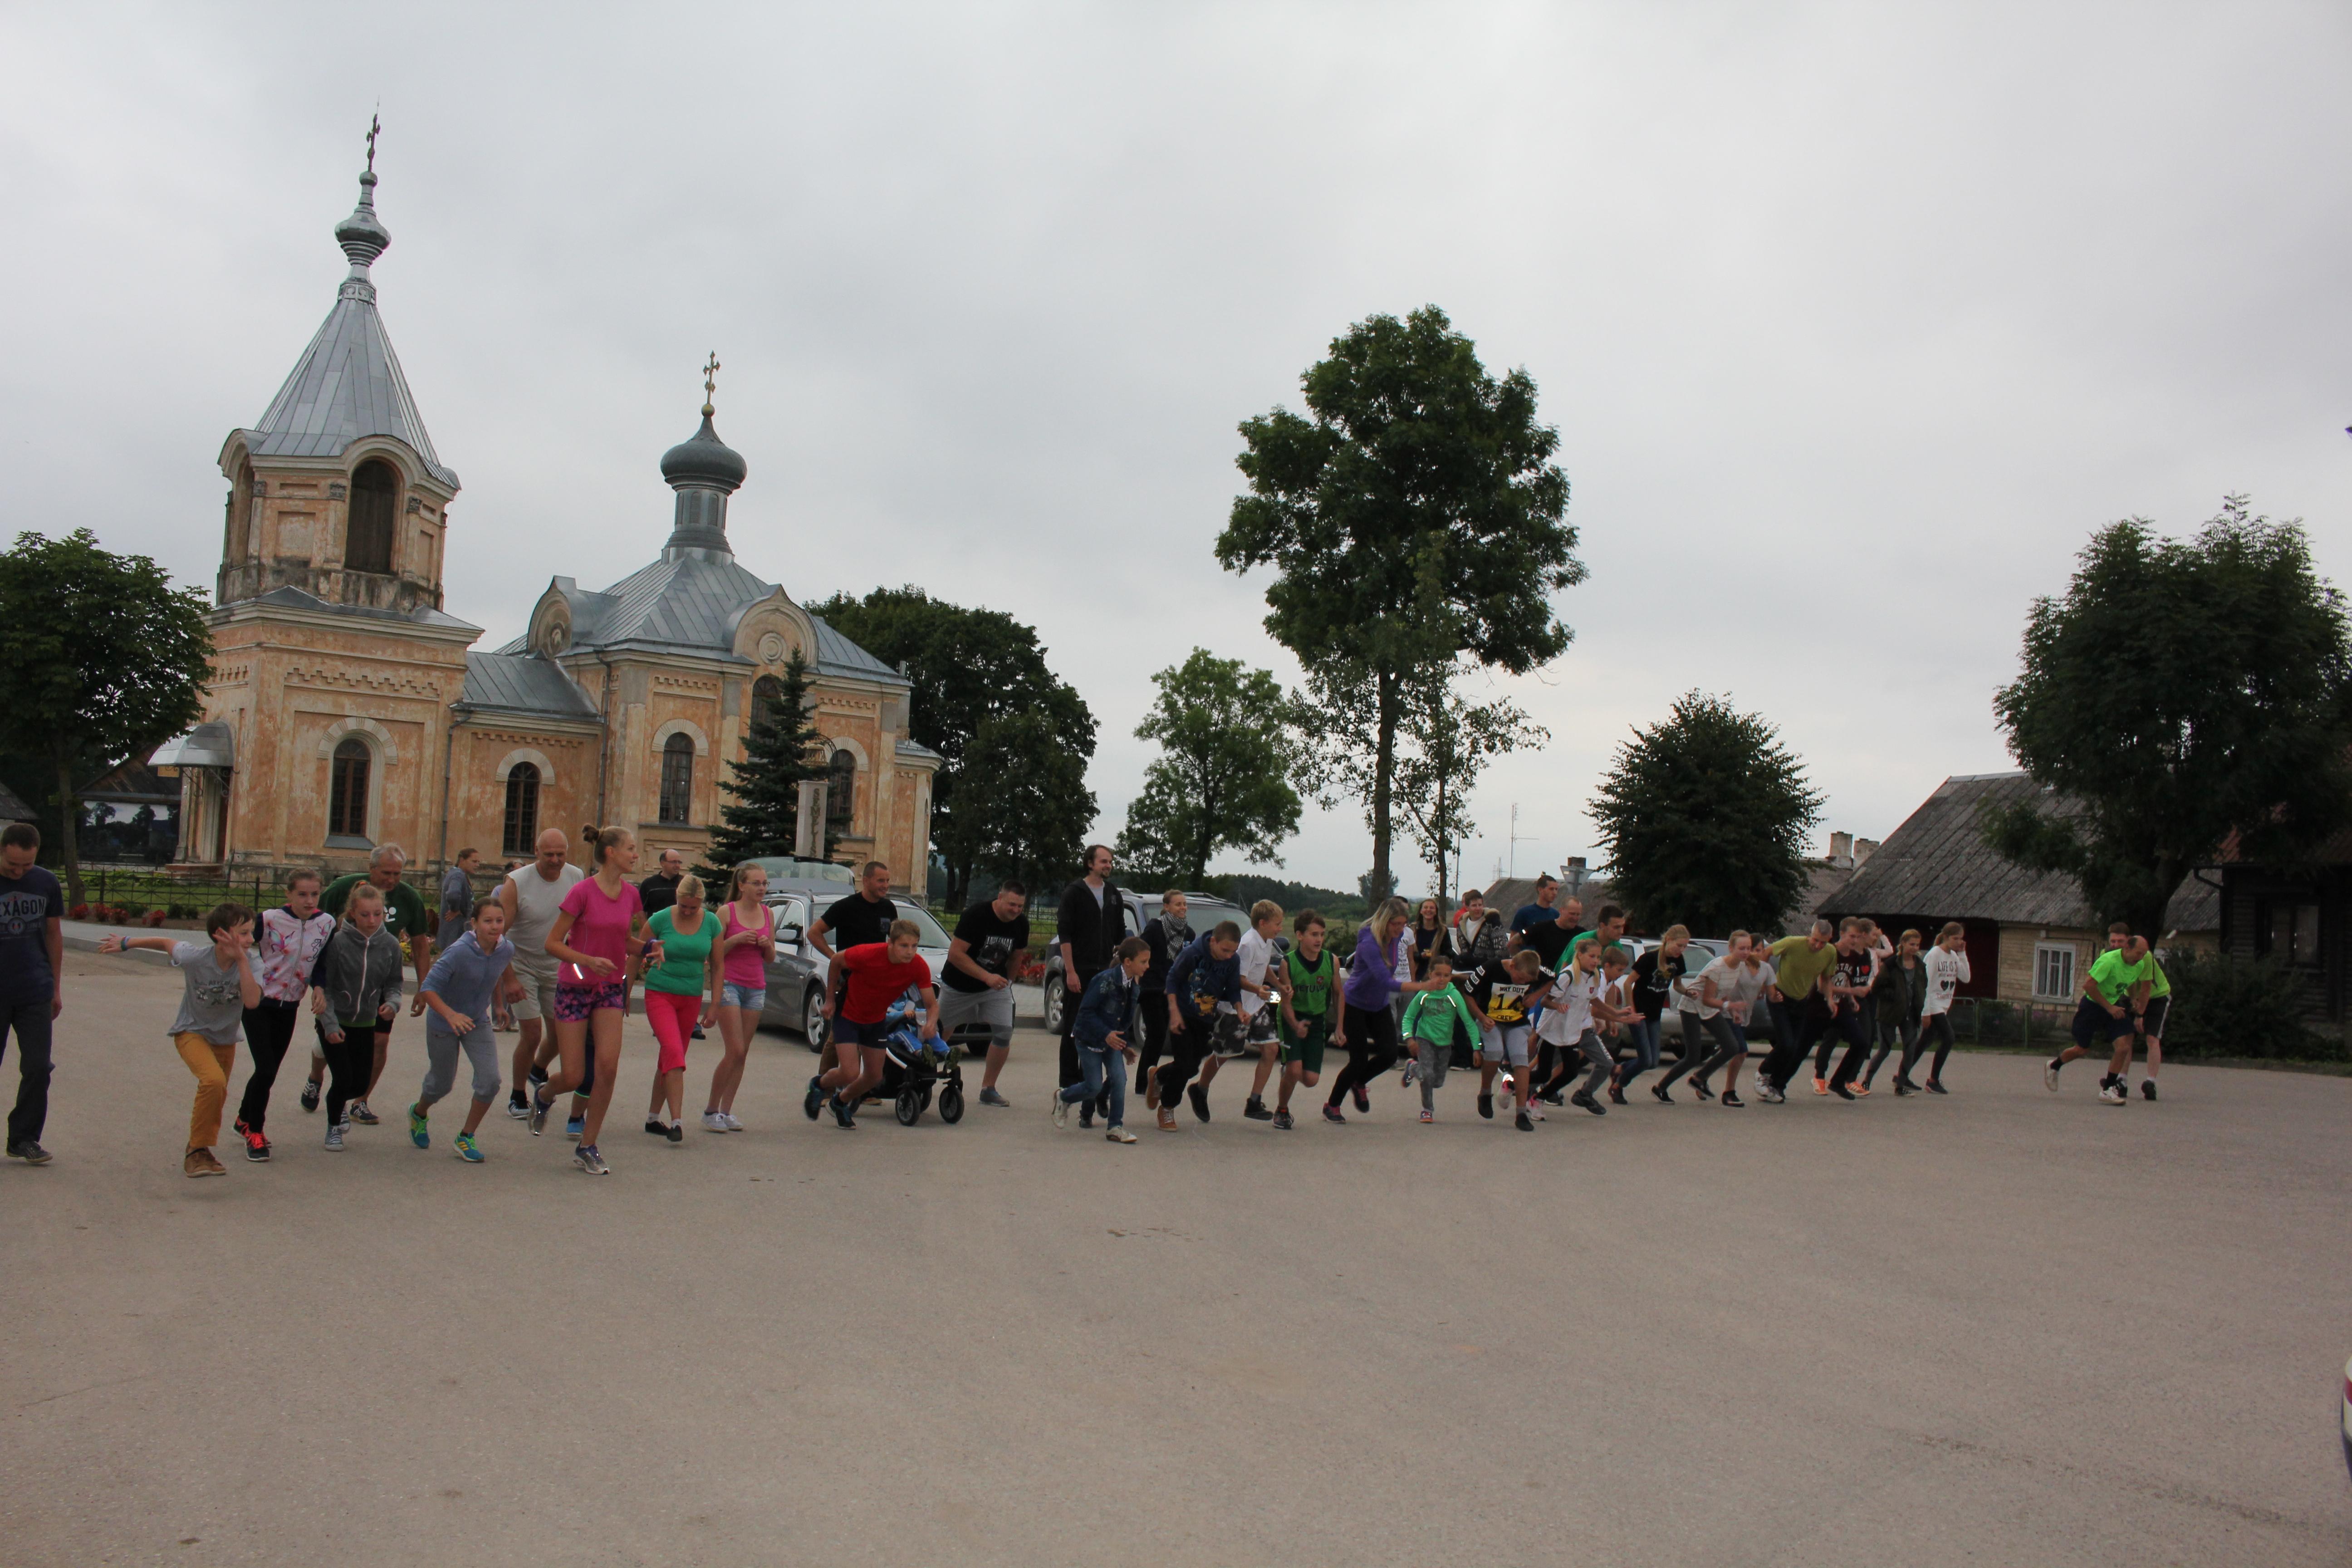 Bėgimo Semeliškių festivalyje Šv. Roko garbei istorija